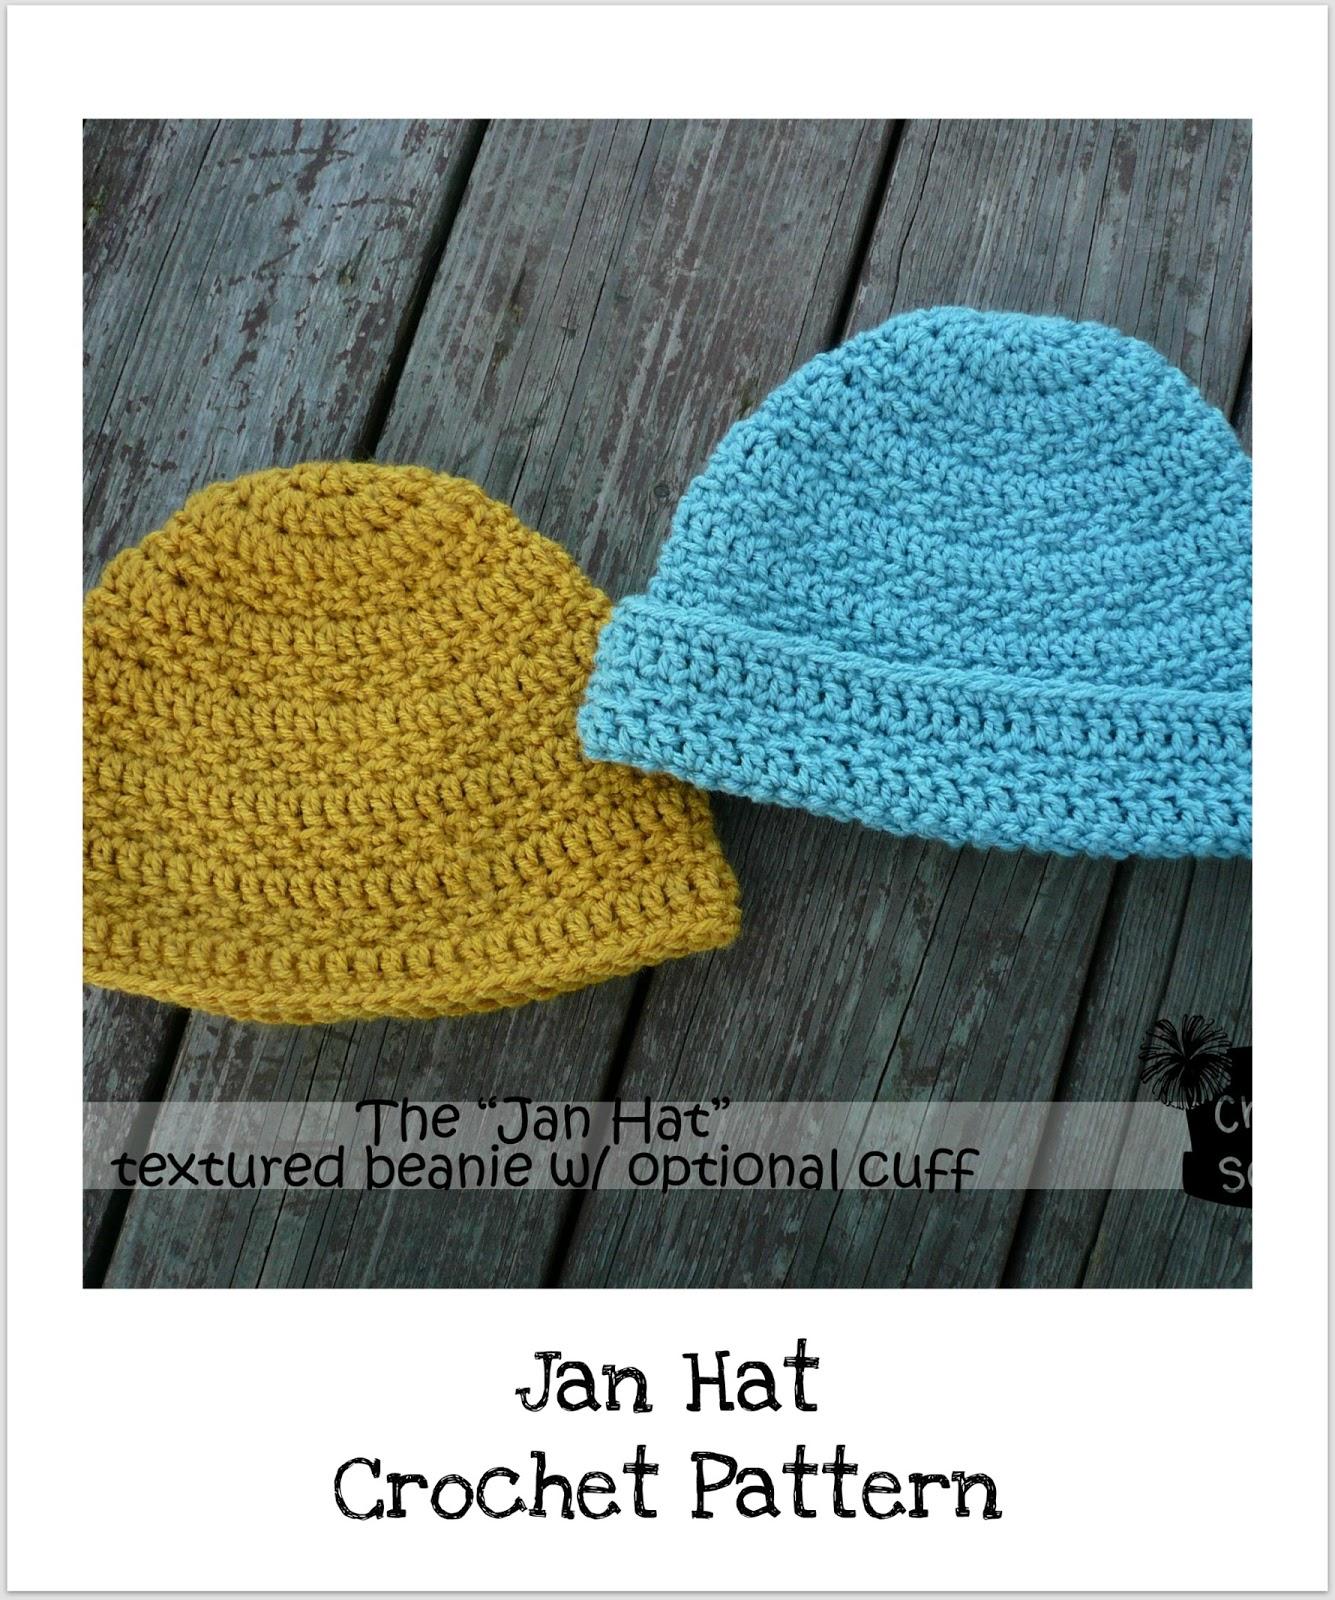 Crochet Hat Pattern With Cuff : Danyel Pink Designs: CROCHET PATTERN - Jan Hat